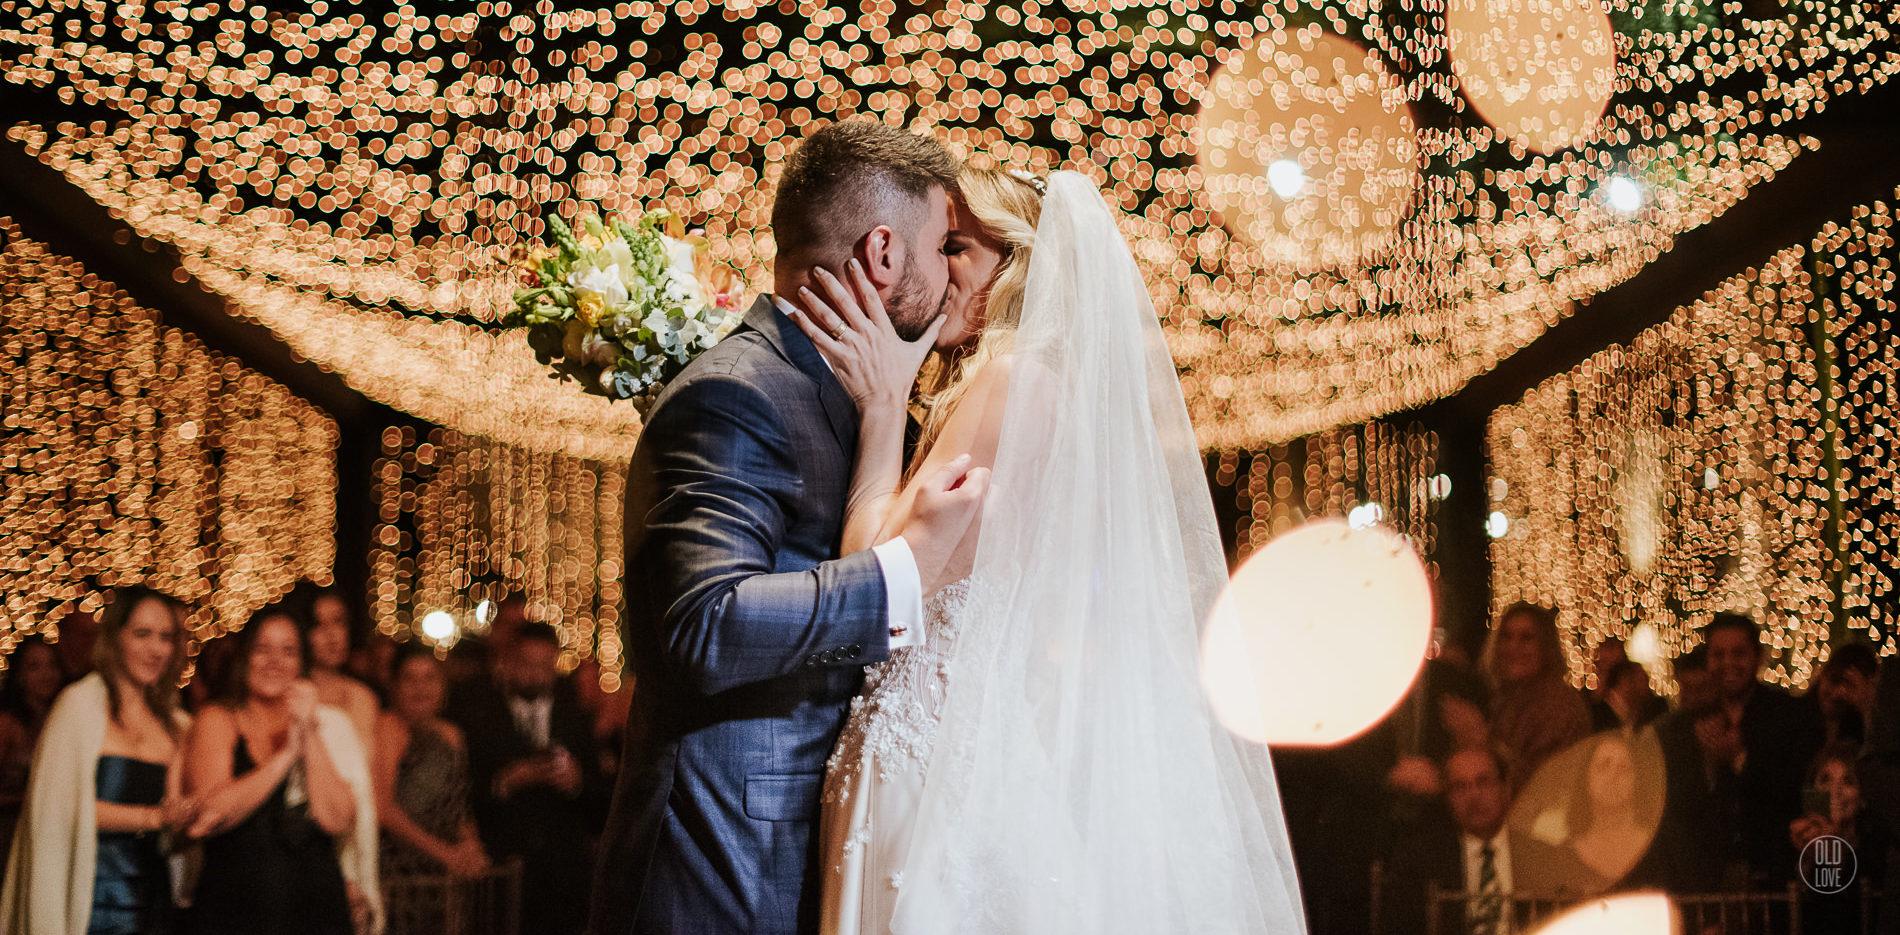 Casamento no jardim com muitas luzes: Juliana e André